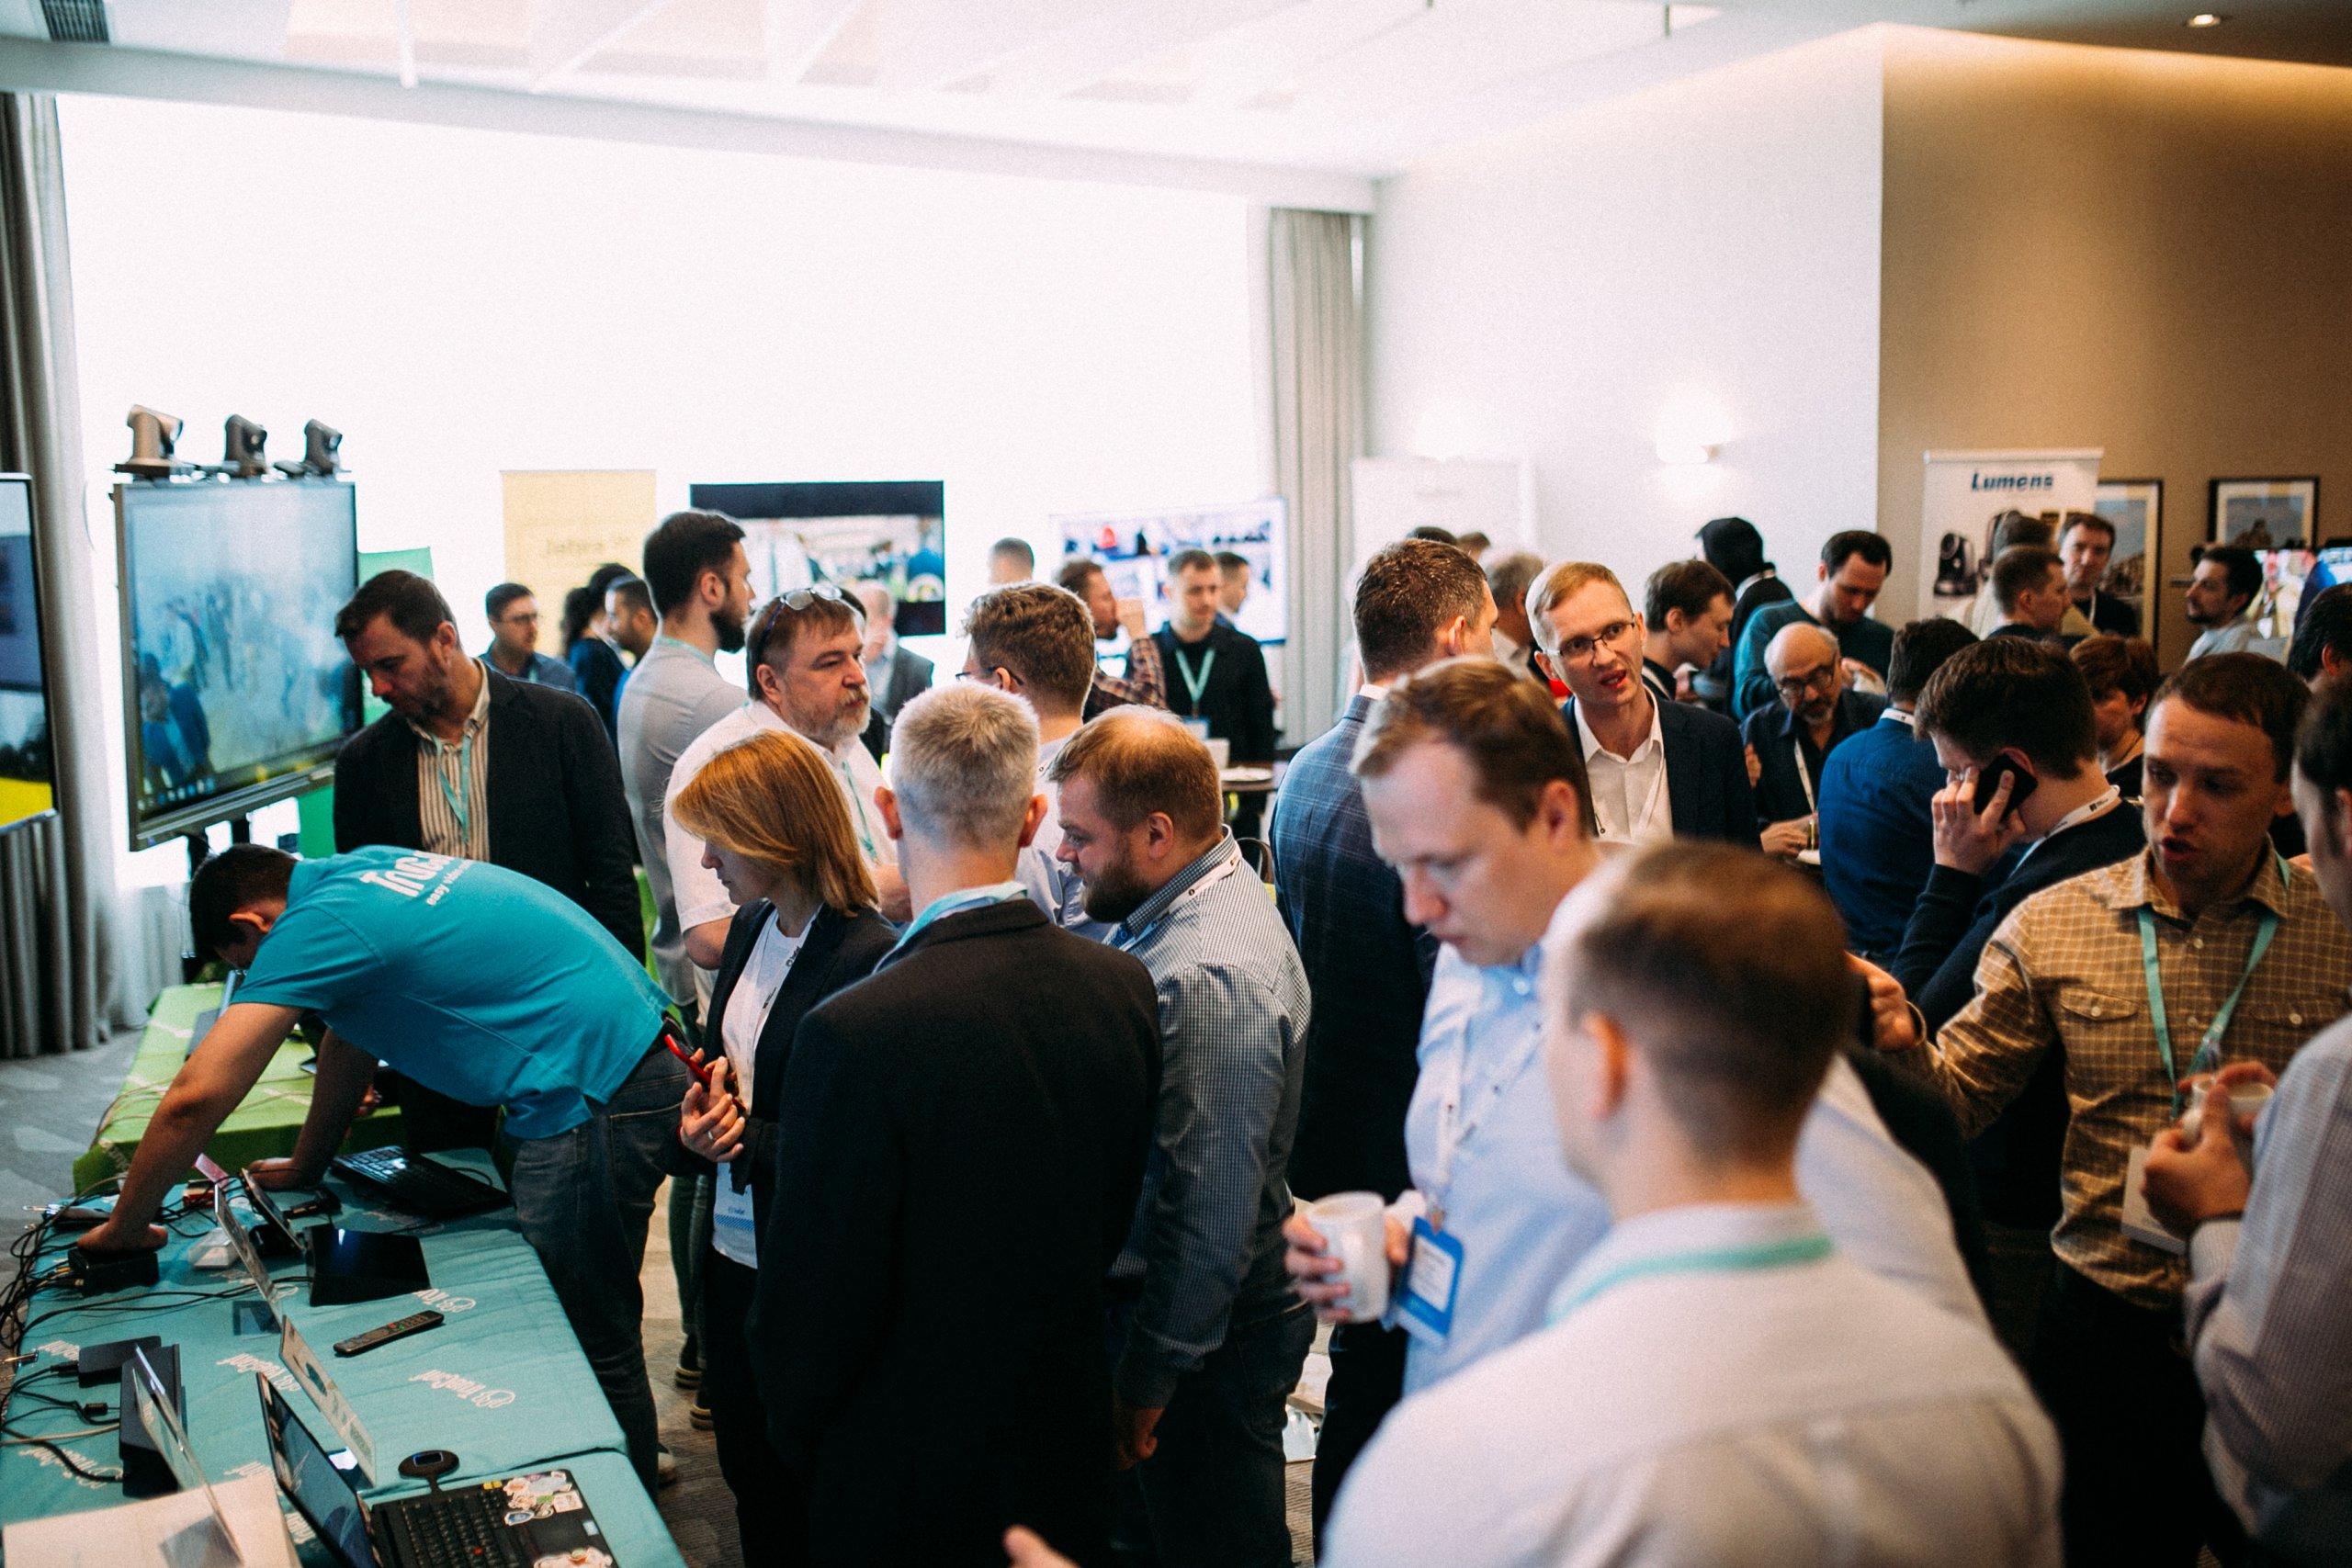 «ВКС для бизнеса 2021» объединила 12 ИТ-компаний и более 500 участников 1